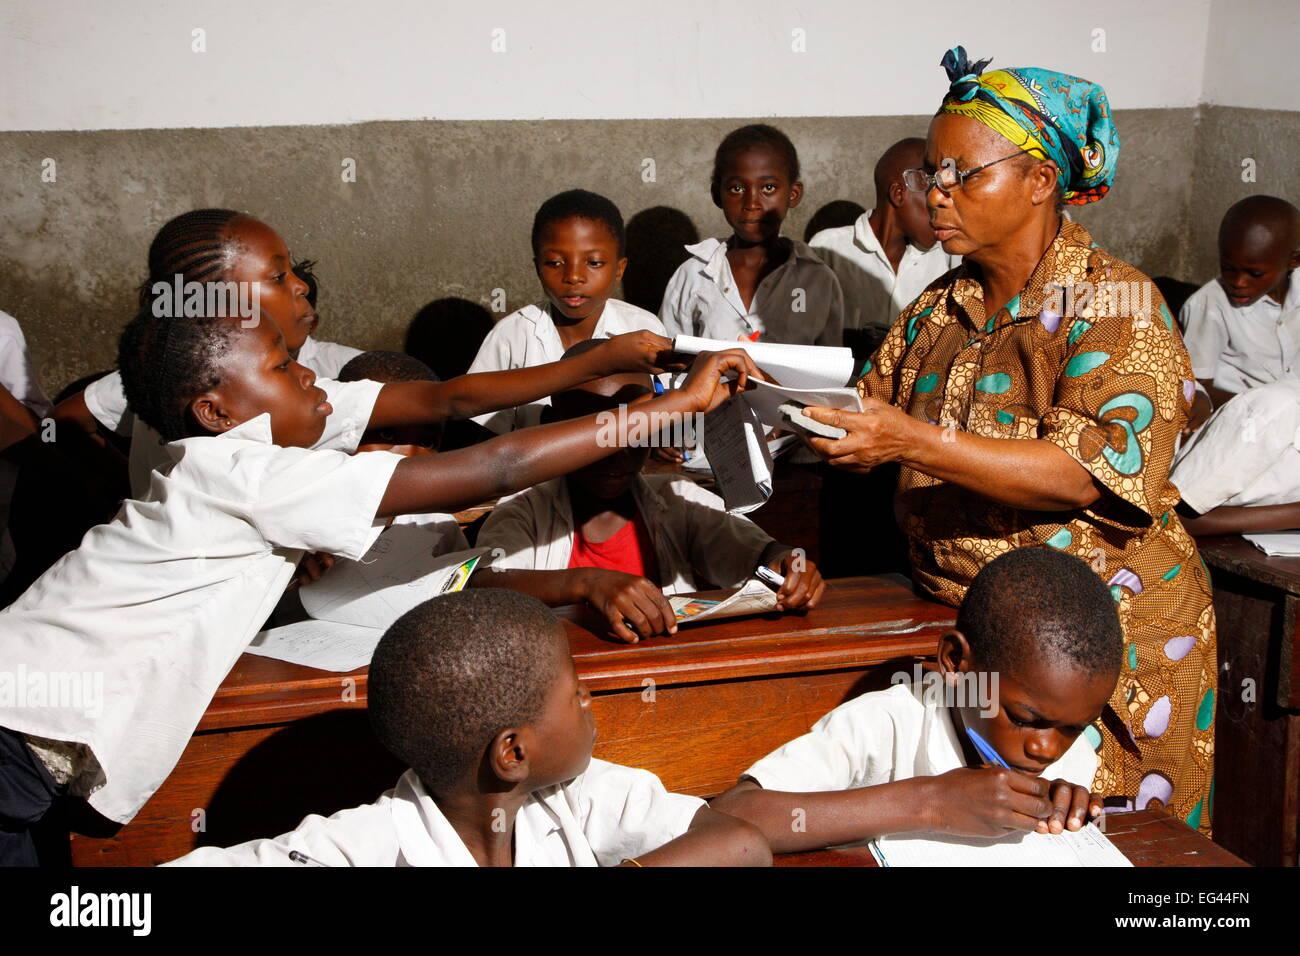 El profesor y la escuela niños en uniforme escolar durante la clase, Kinshasa, Congo Imagen De Stock